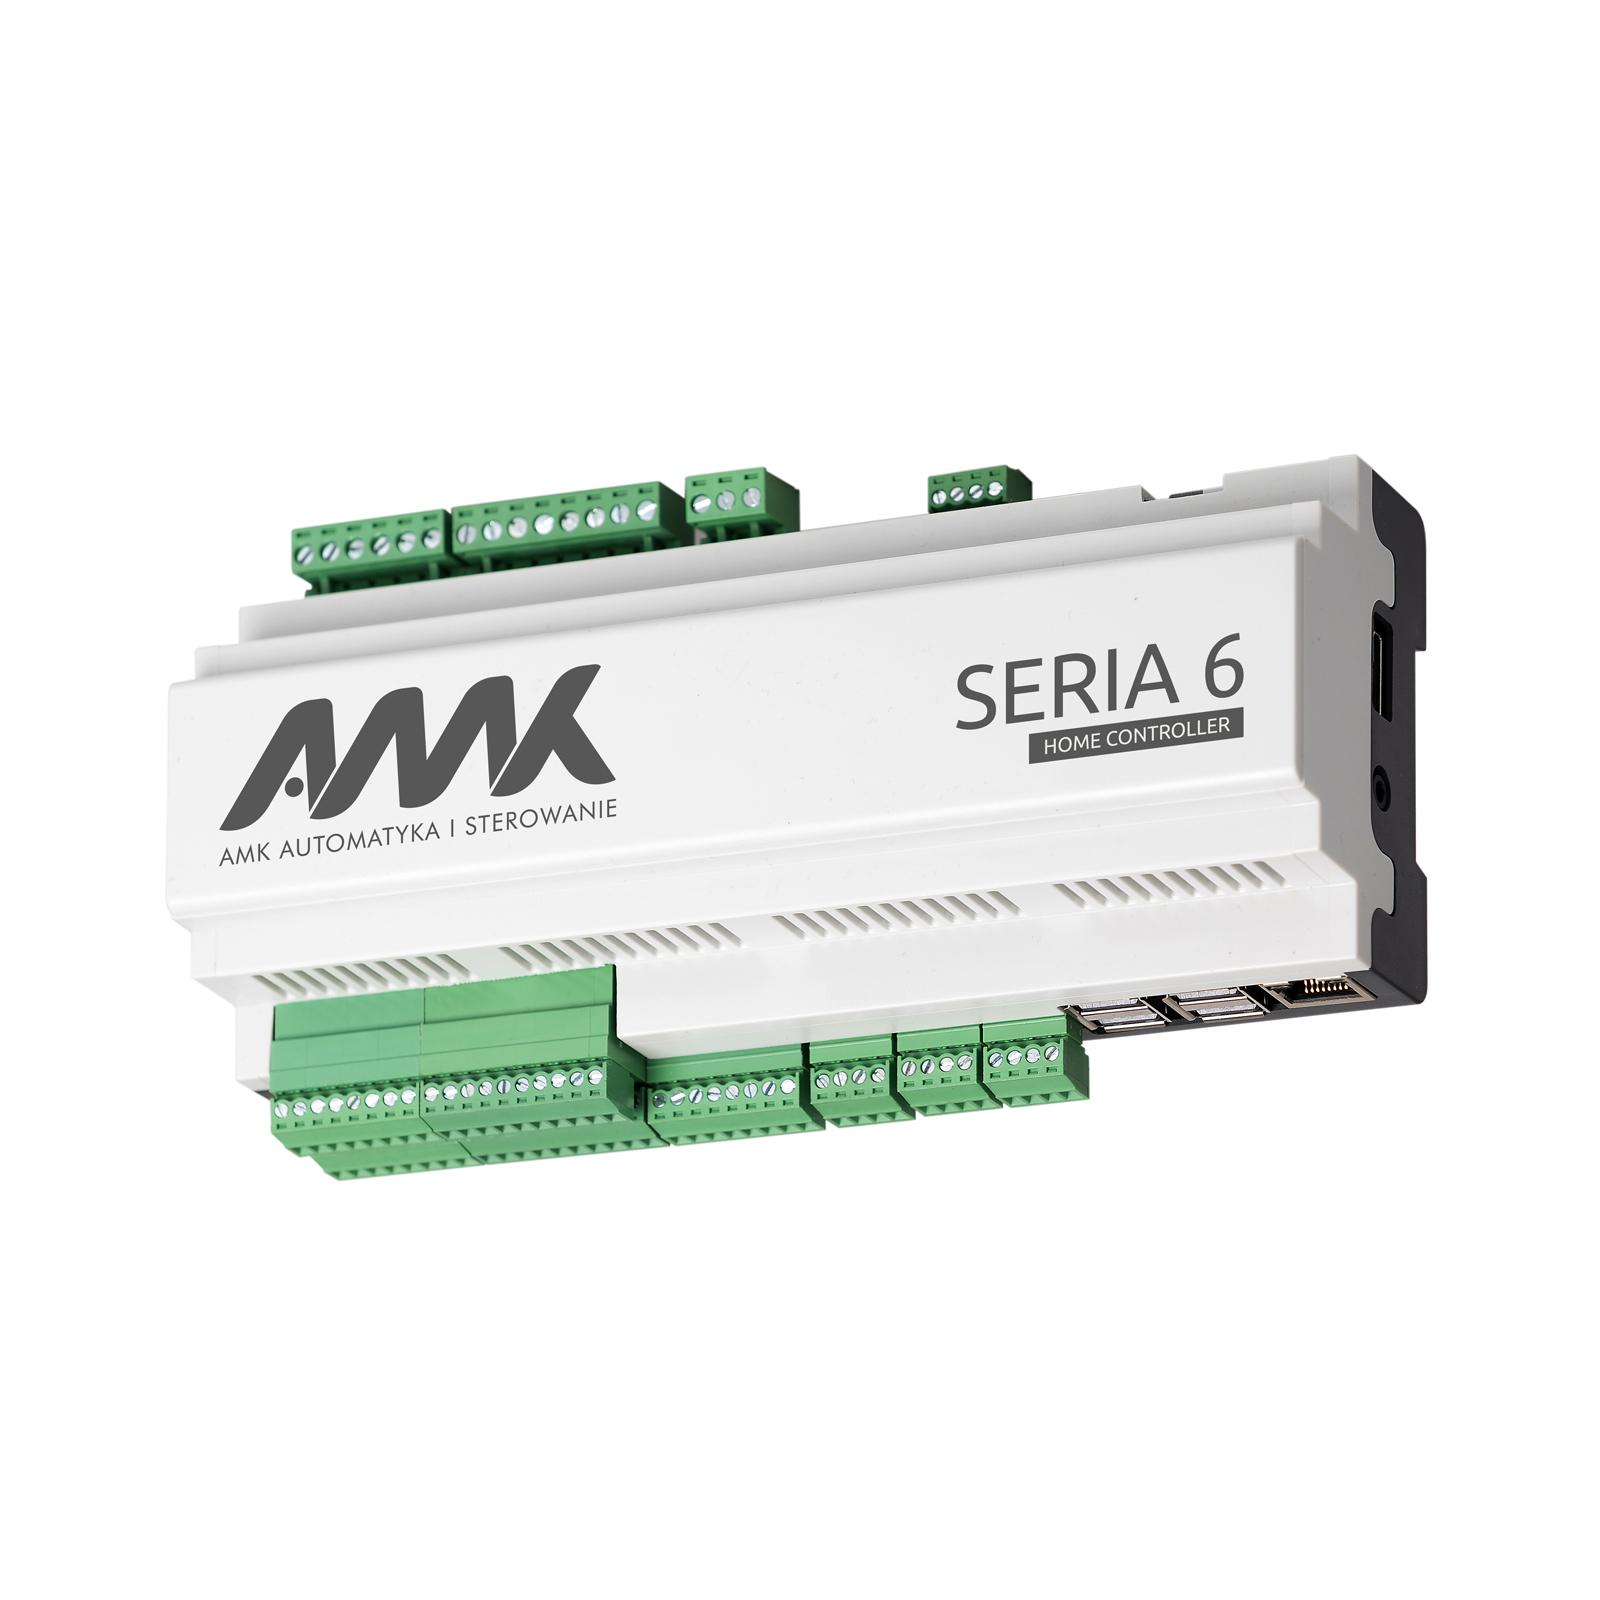 AMK Automatyka i Sterowanie - Sterownik Seria 6 Home Controller